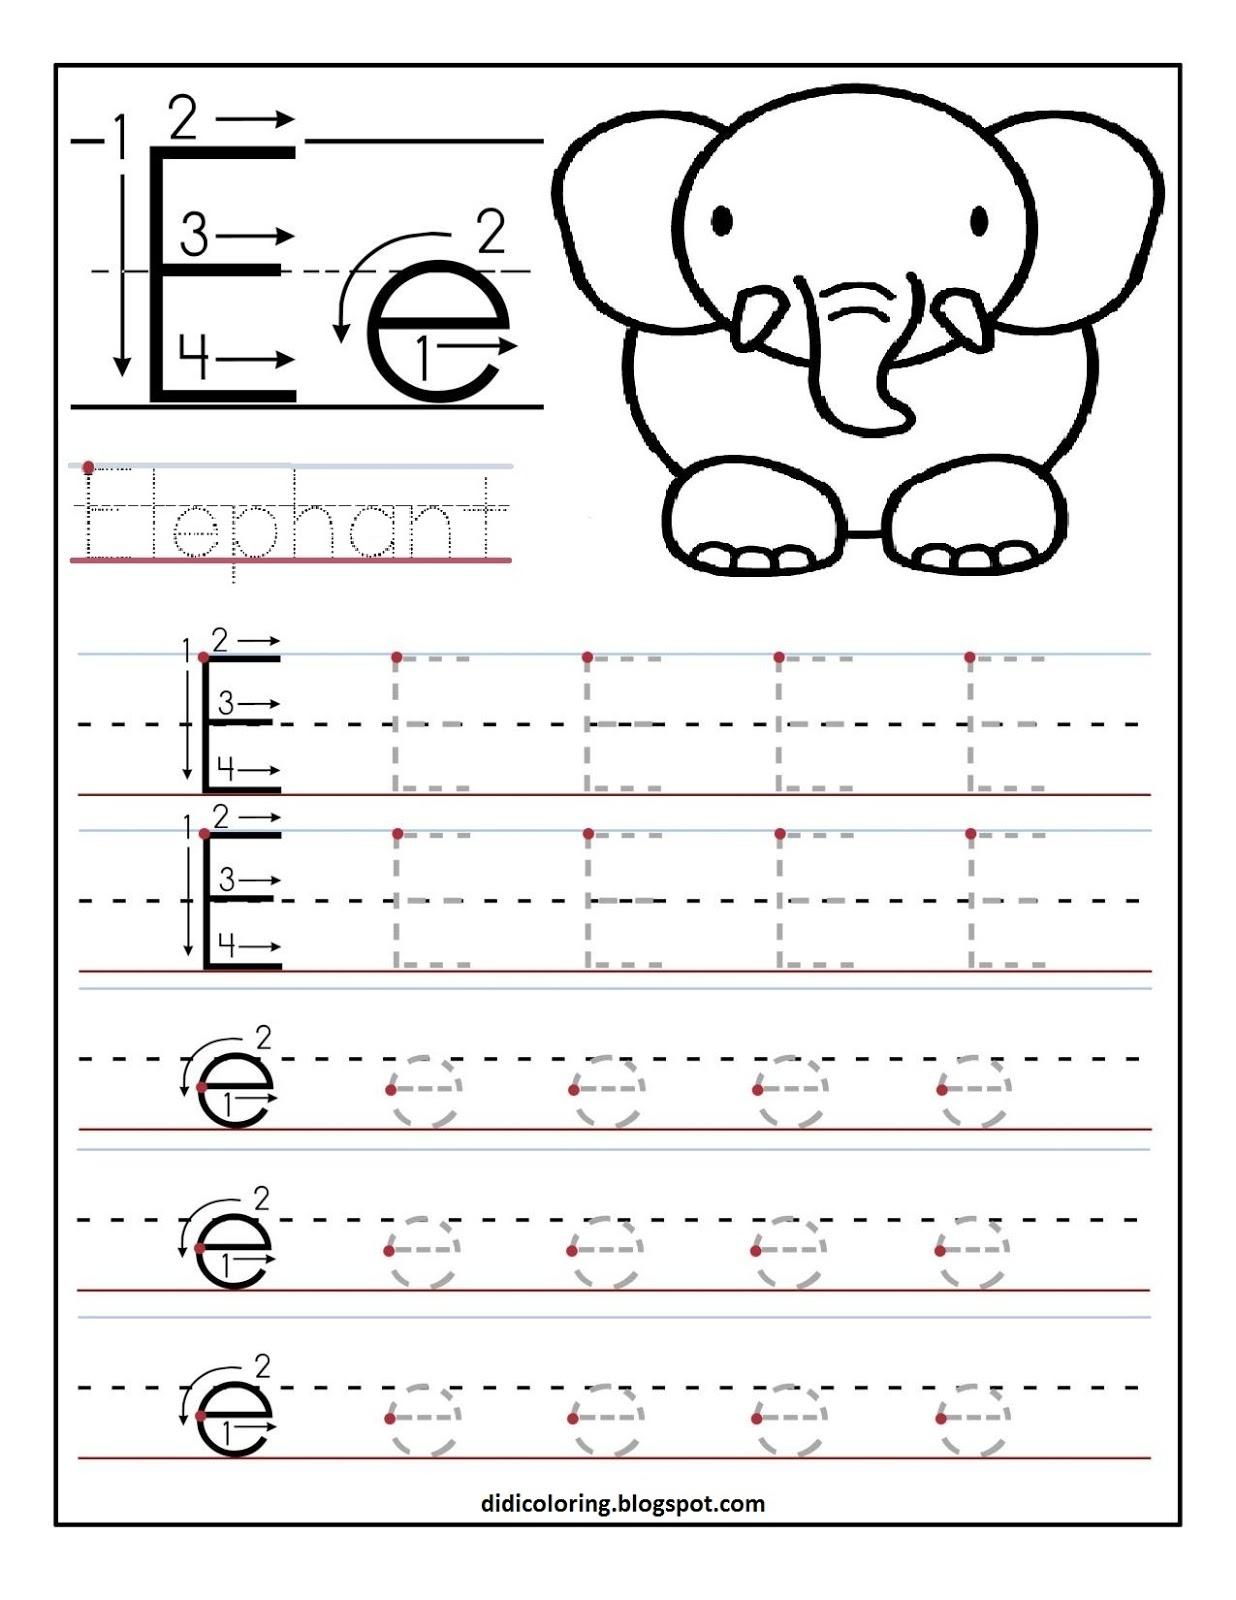 Printable Preschool Writing Worksheets Pdf